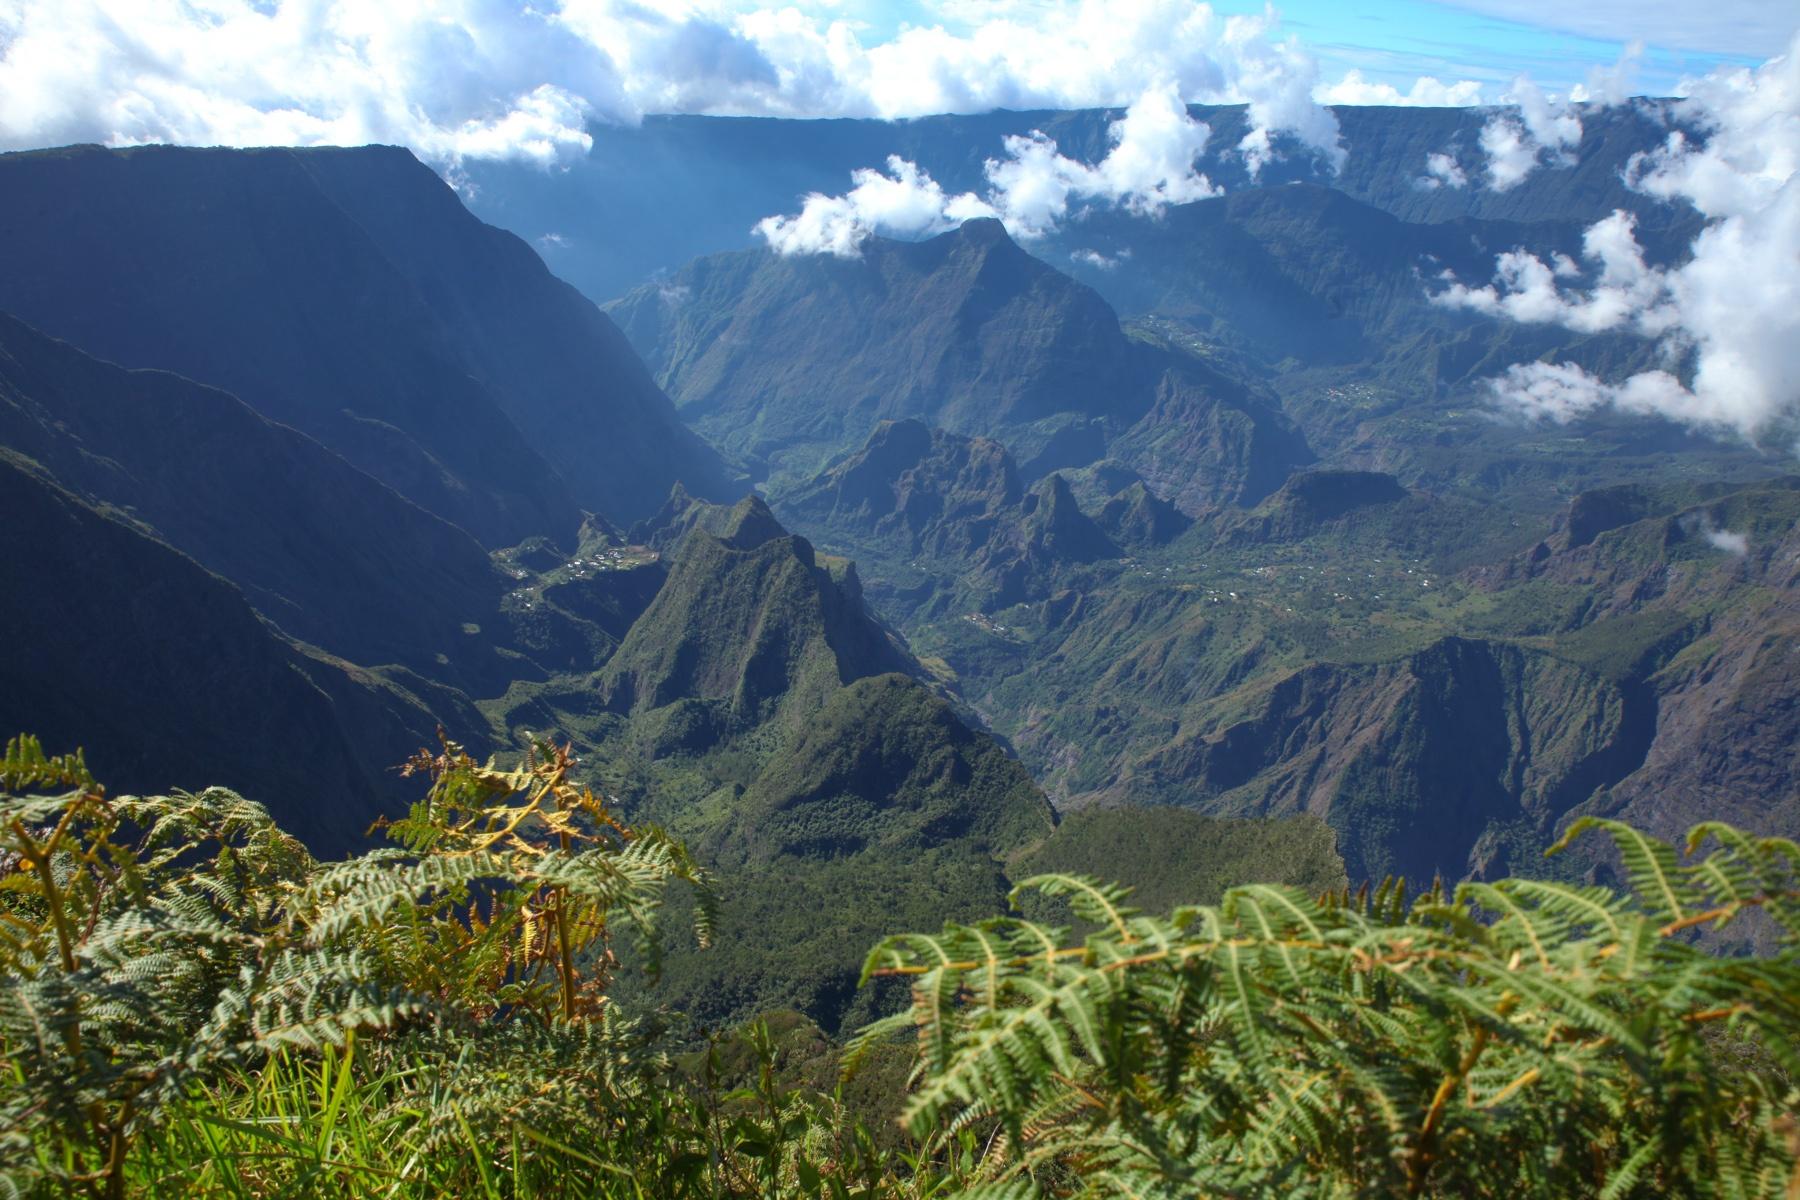 Die zerklüftete Berglandschaft von La Réunion erkundest du am besten autark mit dem Zelt!